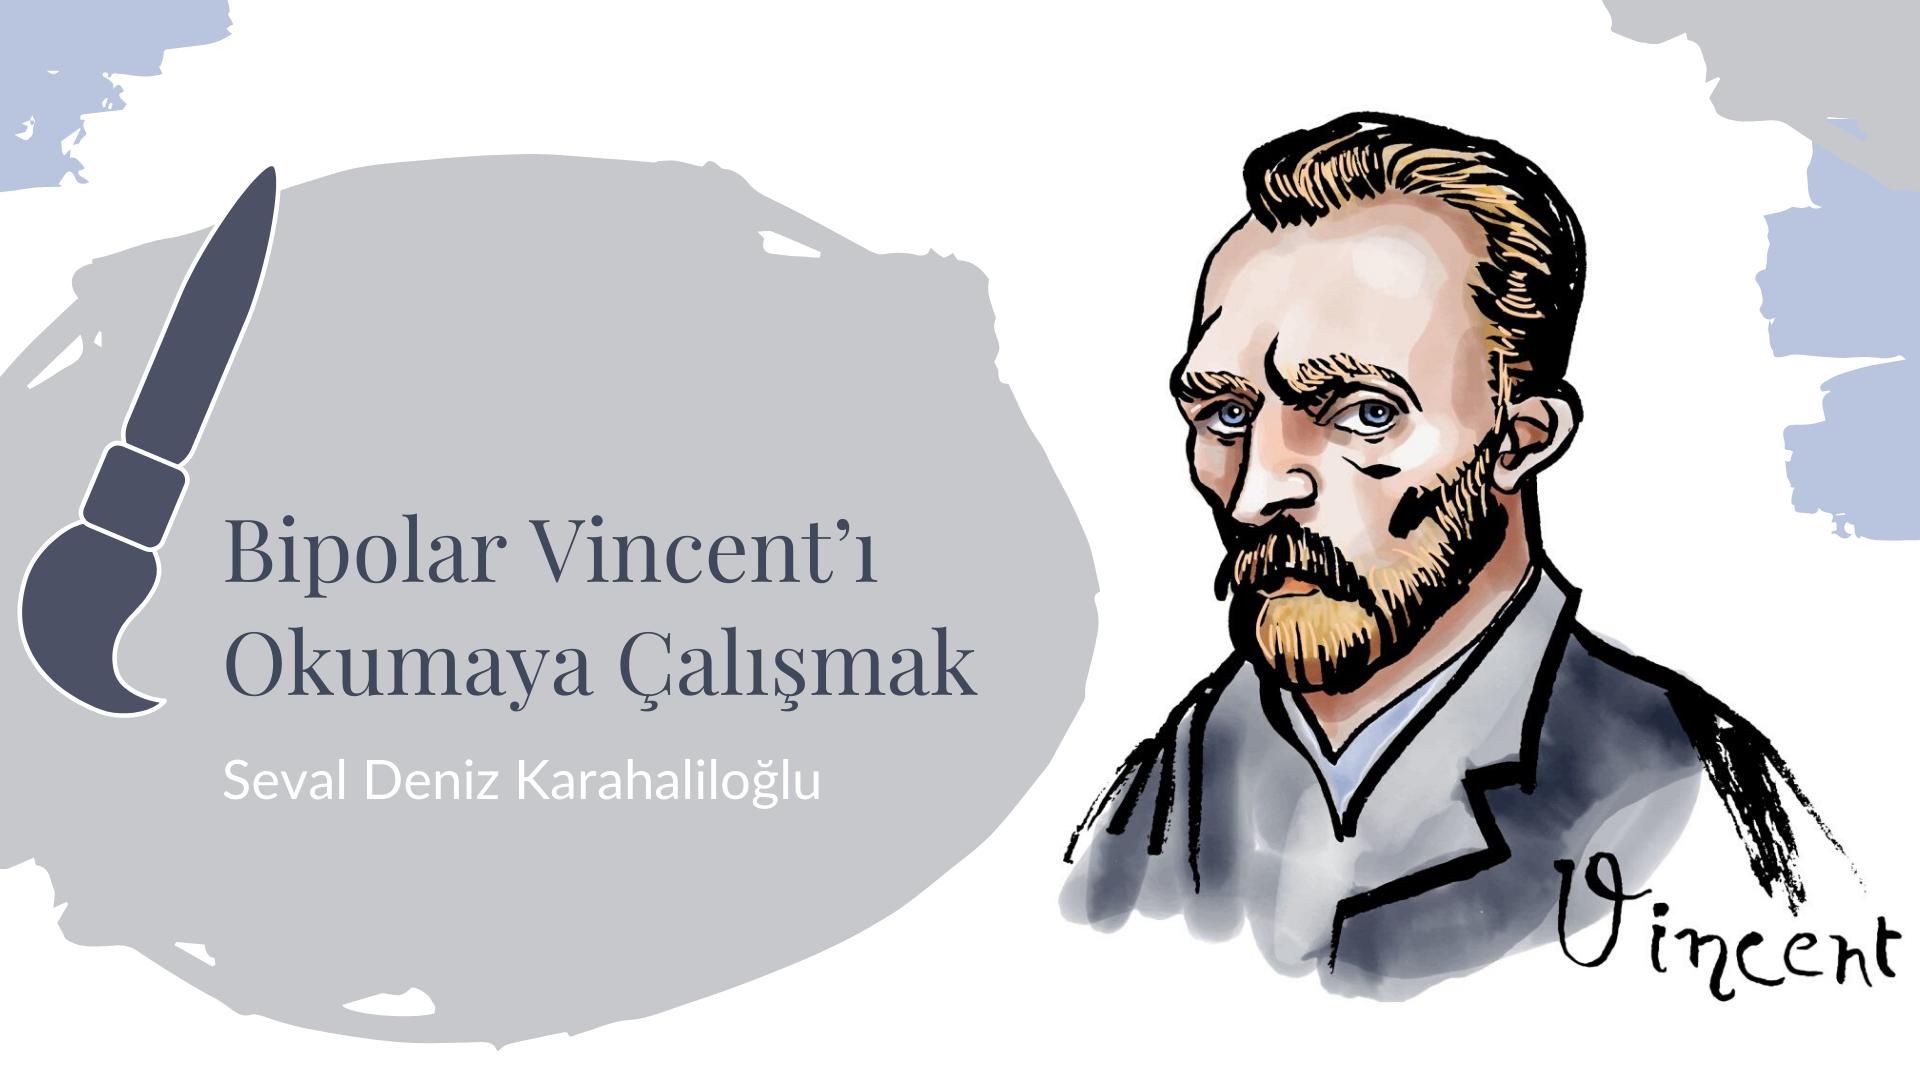 Yazı: Bipolar Vincent'ı Okumaya Çalışmak   Yazan: Seval Deniz Karahaliloğlu